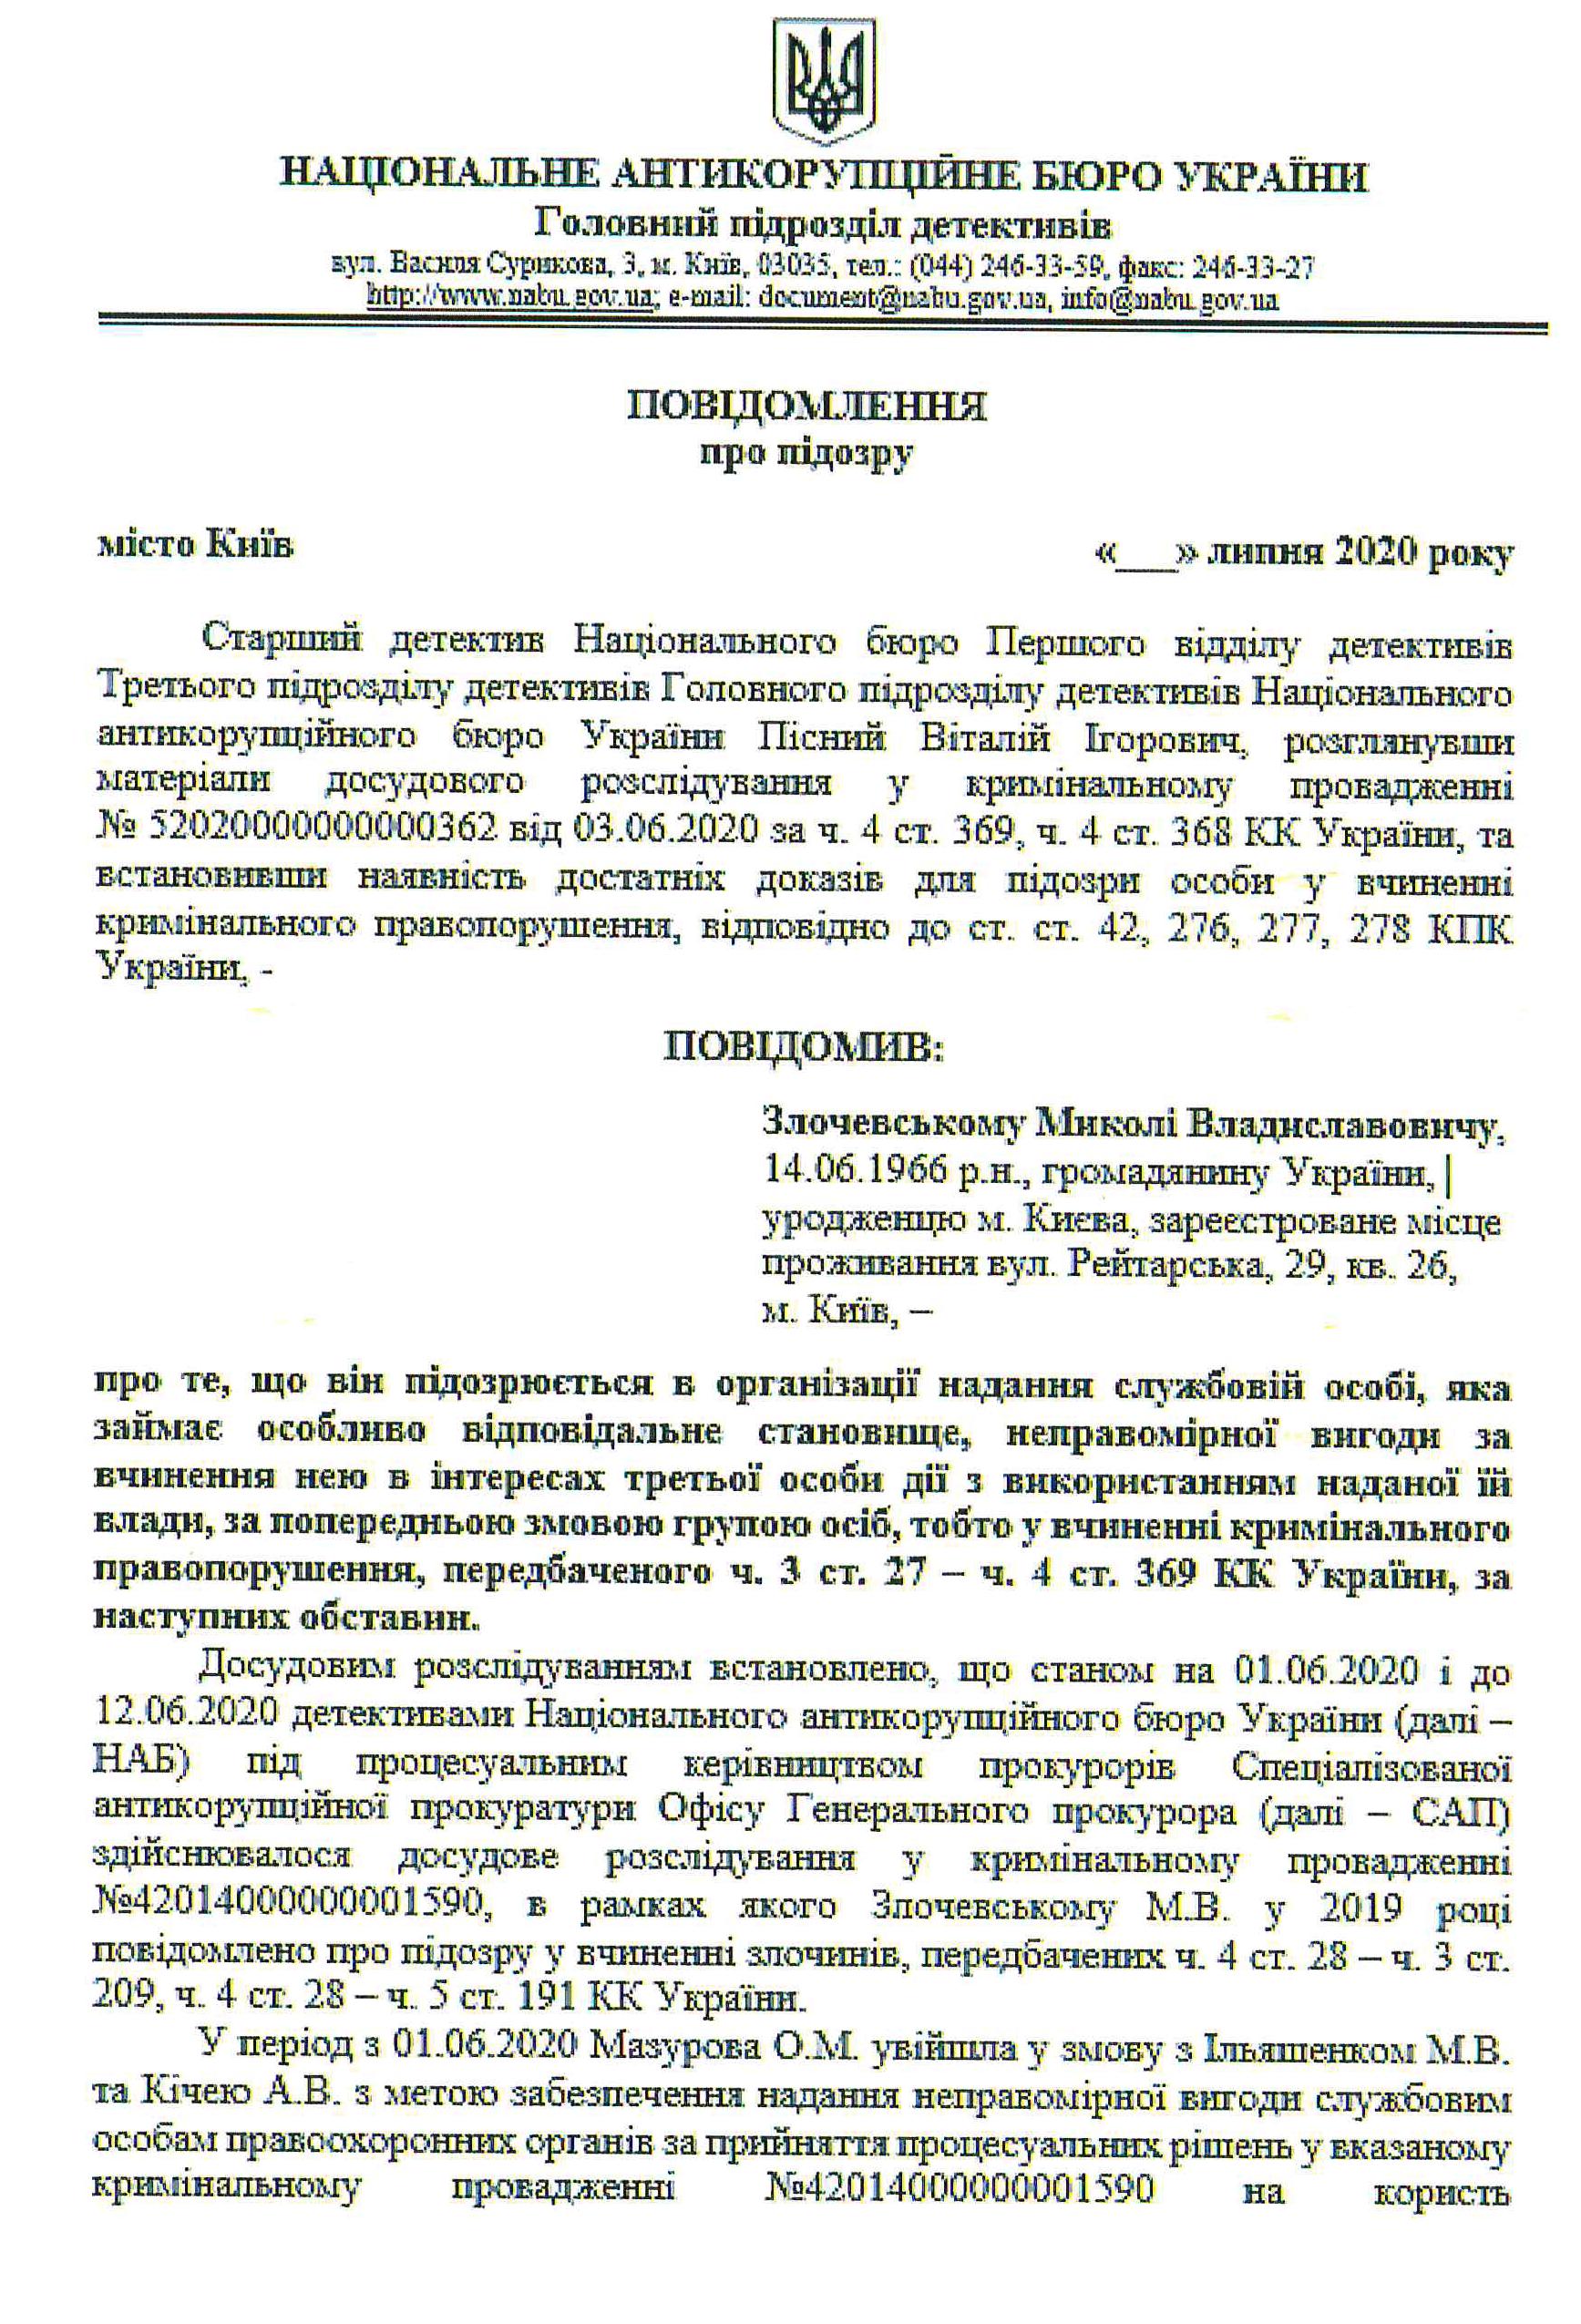 Notification par le NABU que Zlotchevski est soupçonné d'avoir commis des crimes